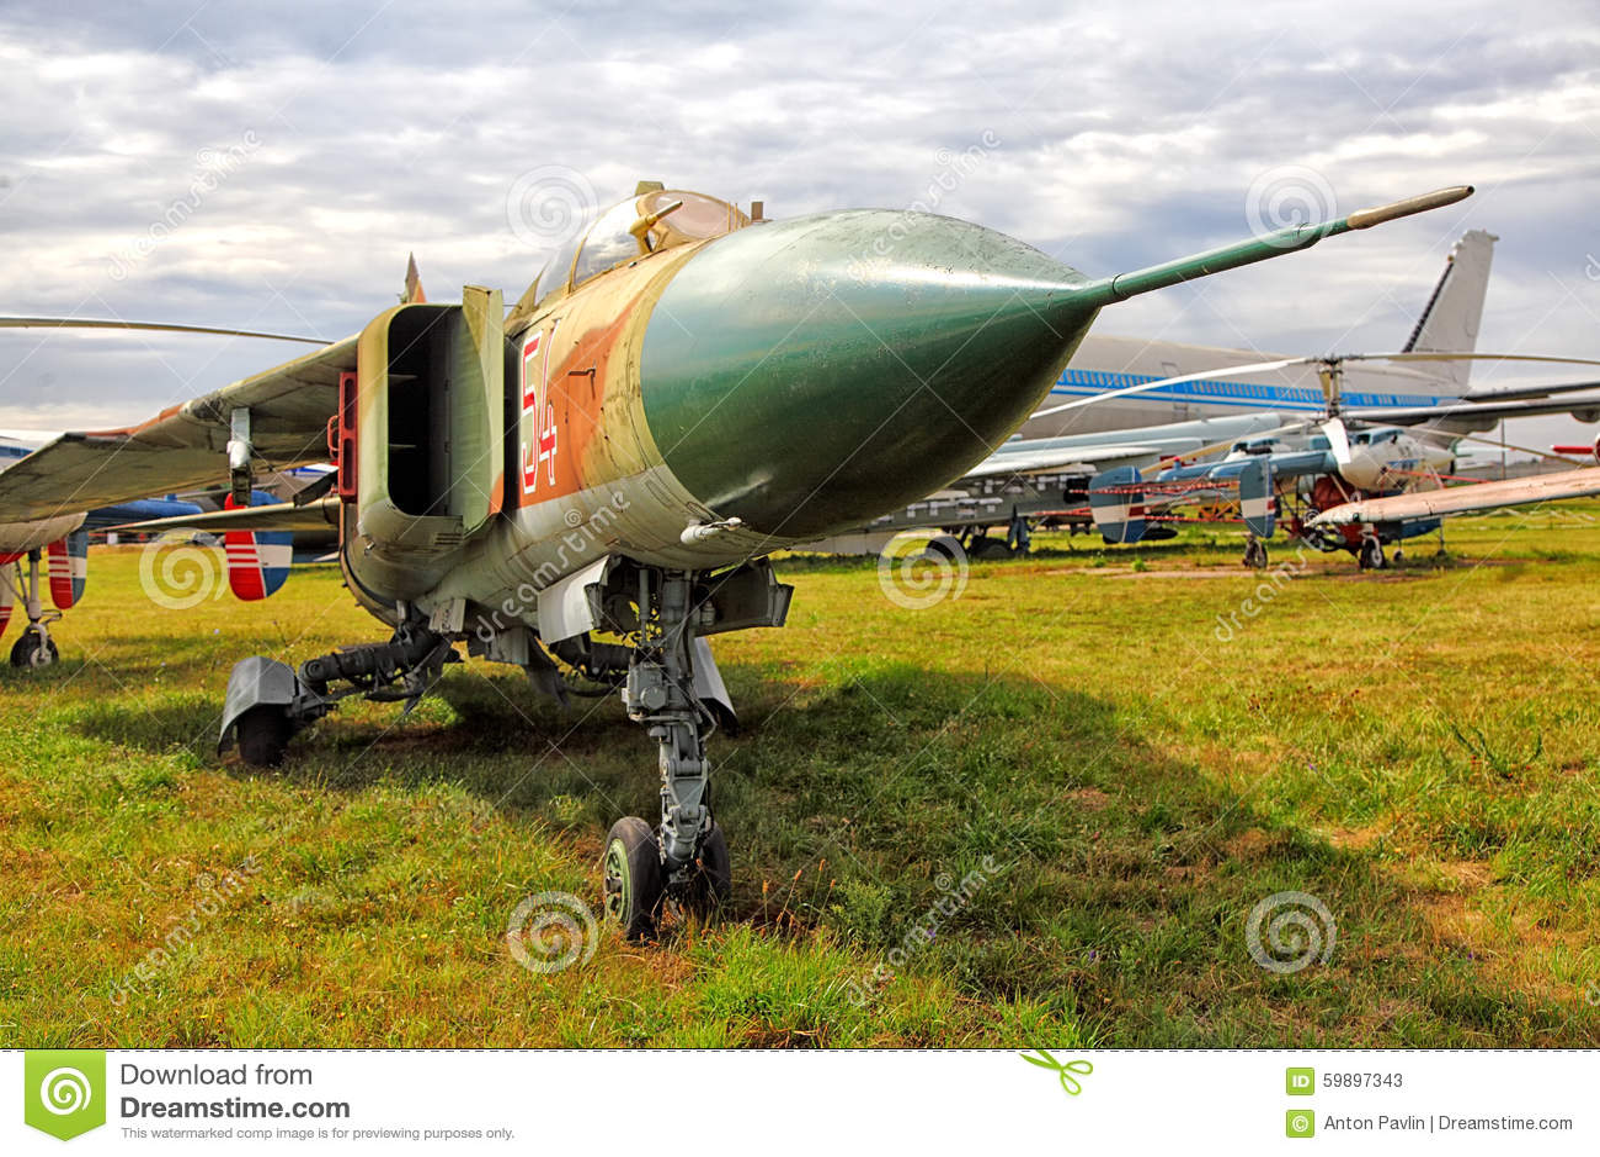 Militärflächen im Zustands-Luftfahrt-Museum Kiew 2015